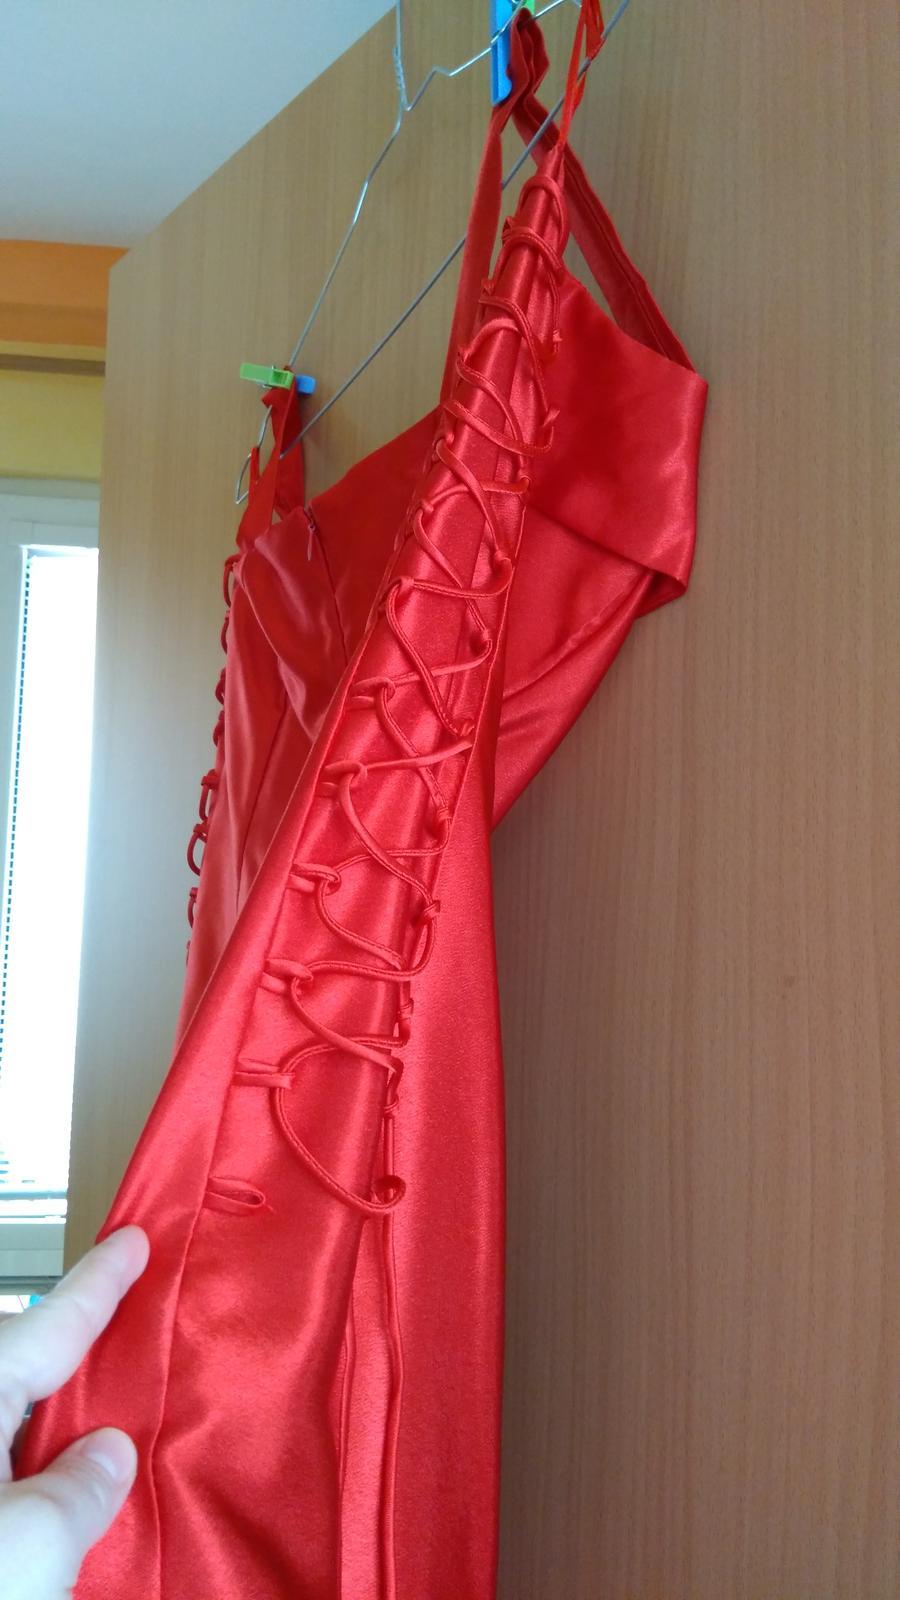 Spoločenské červené šaty veľkosť 42 - Obrázok č. 2